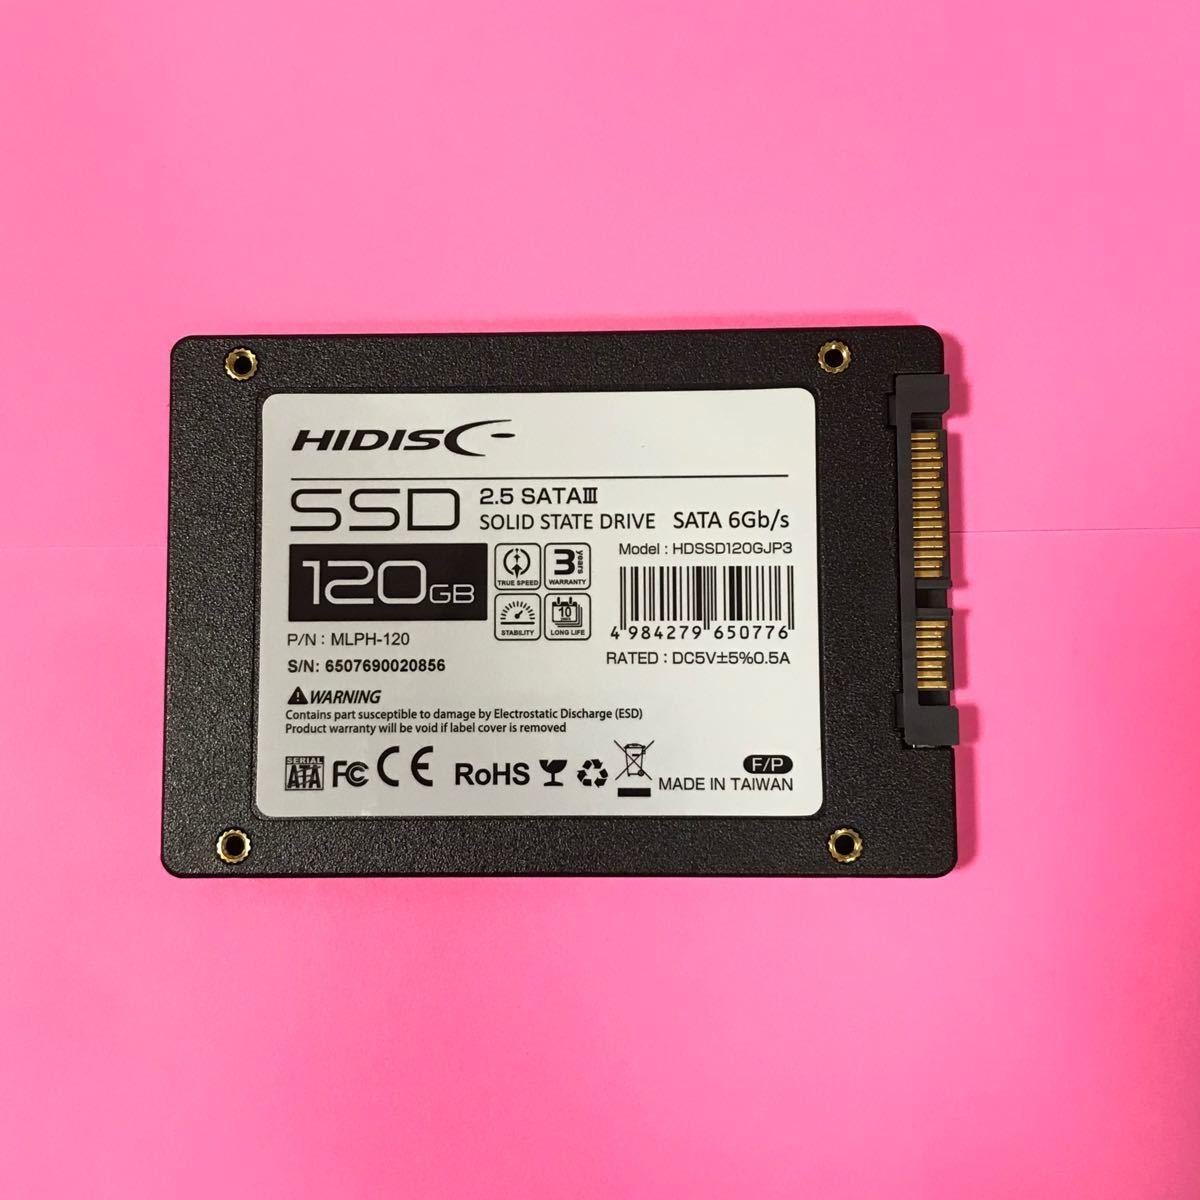 ○HIDISC 2.5インチ SSD 120GB 新品未使用です。2.5インチ内蔵用